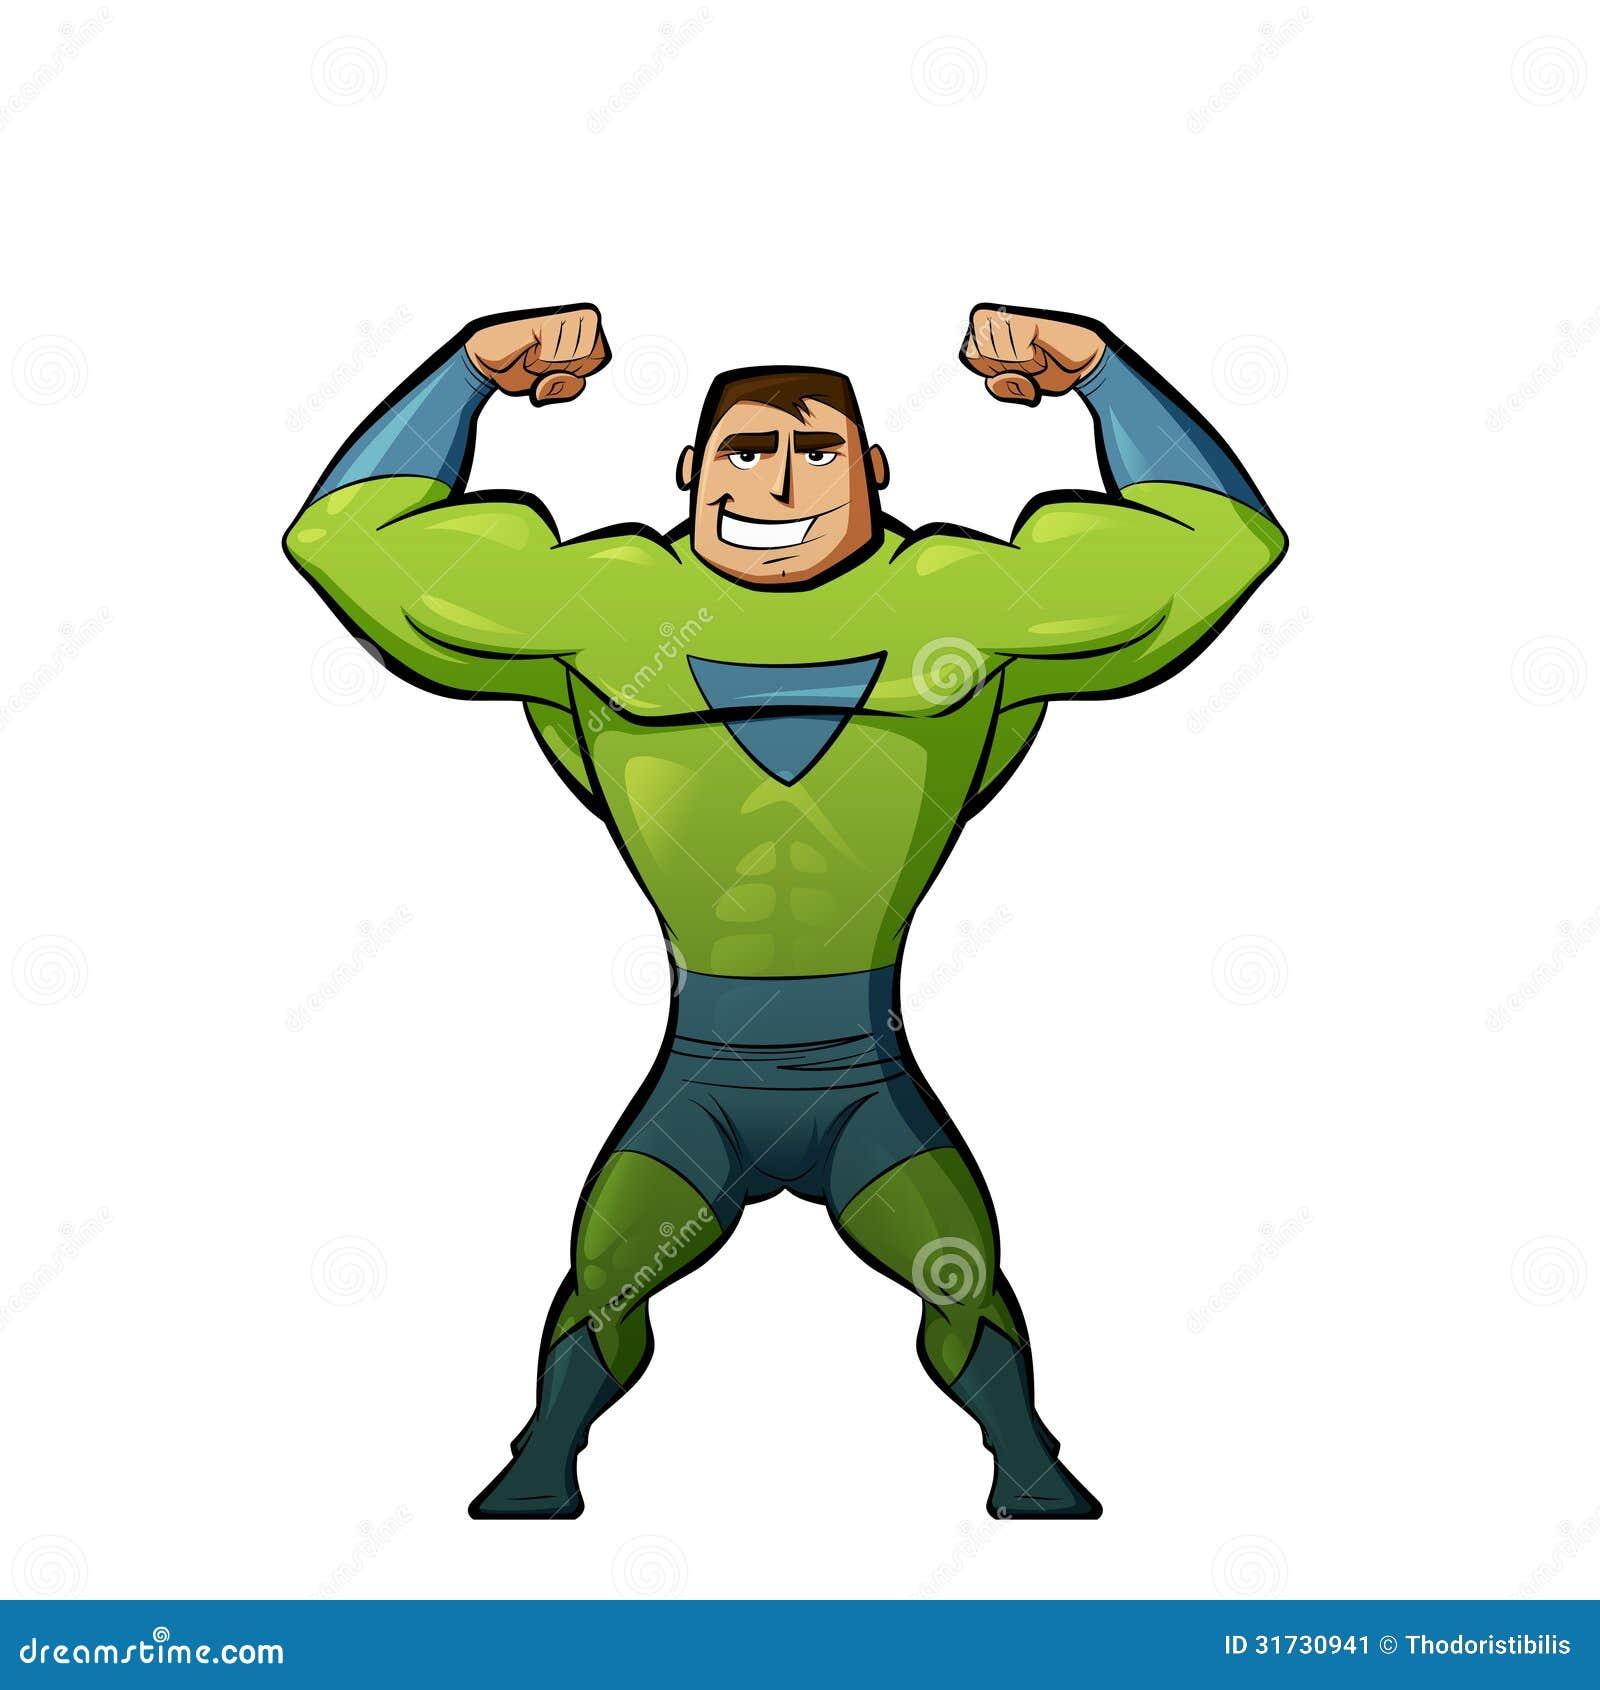 Super Hero In Green Suit Stock Image - Image: 31730941 Superhero Flying Vector